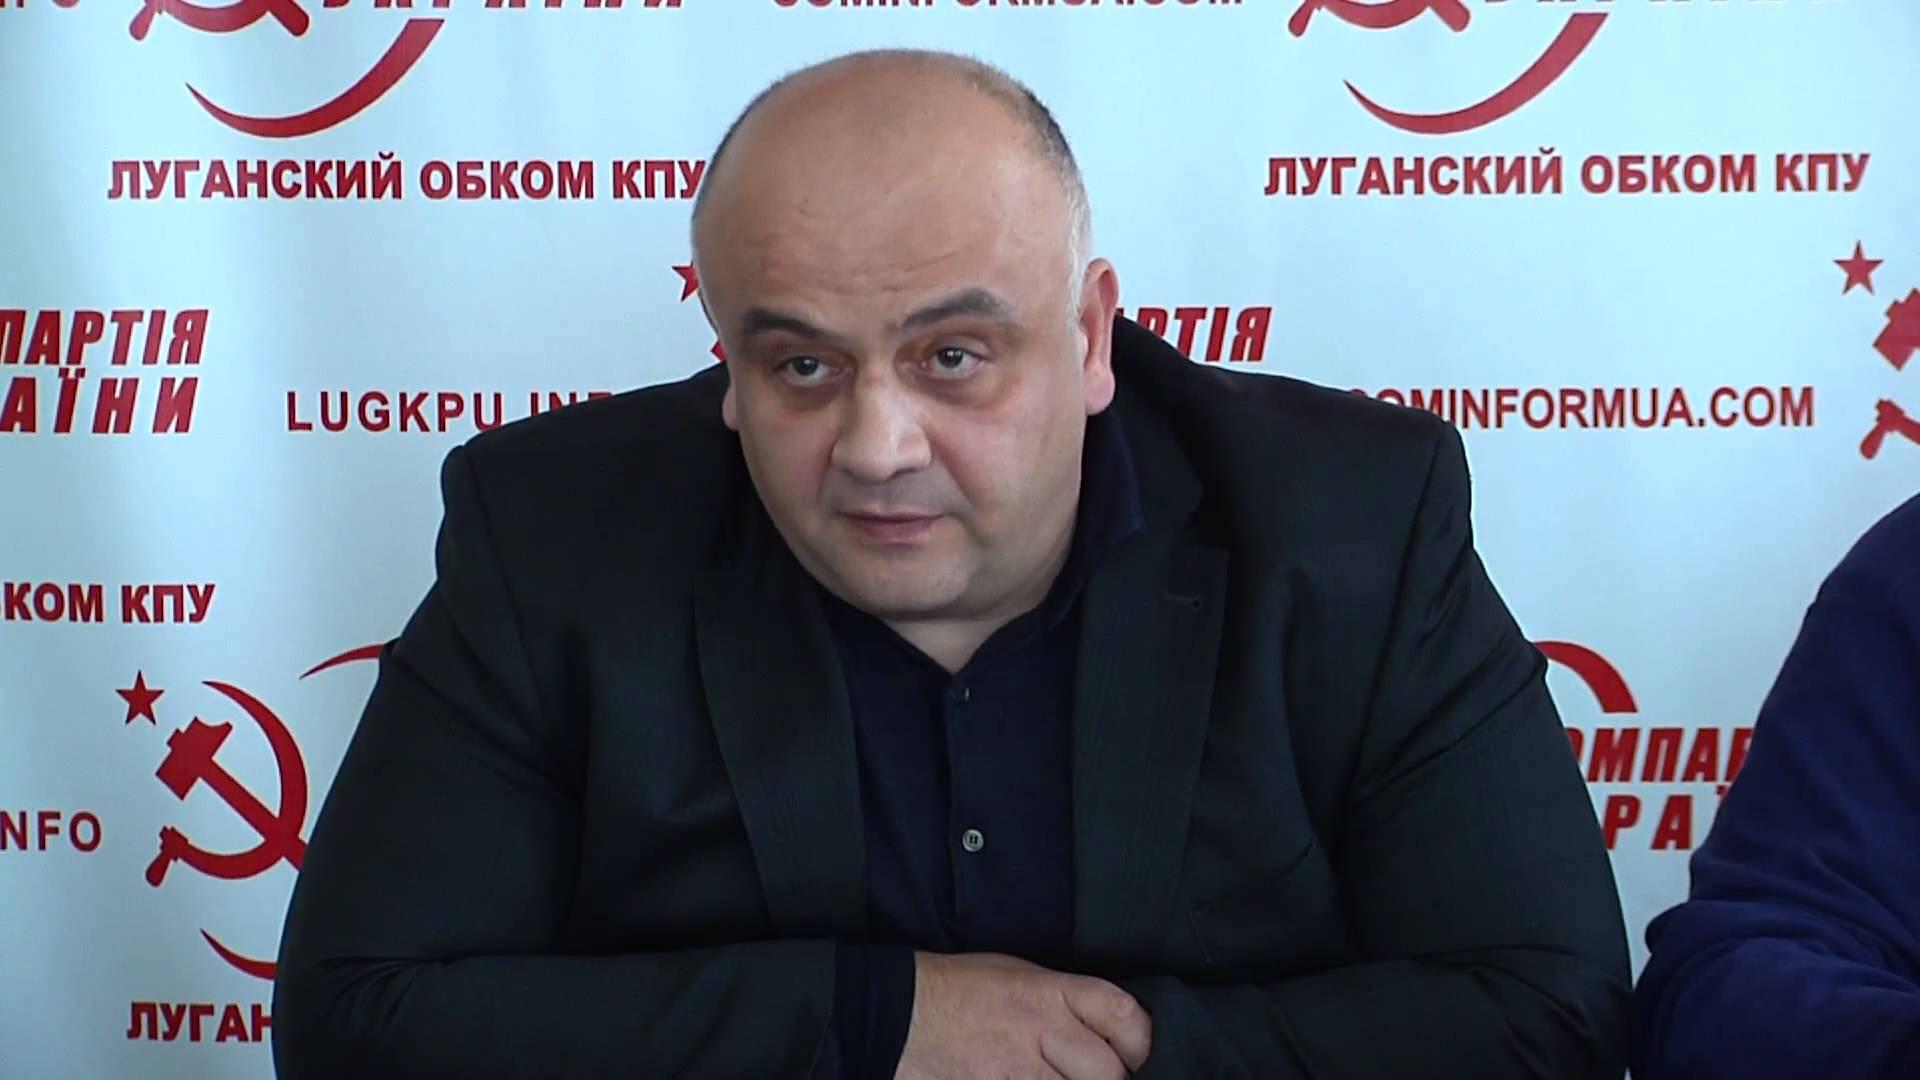 У луганского коммуниста Килинкарова забрали служебную квартиру в Киеве